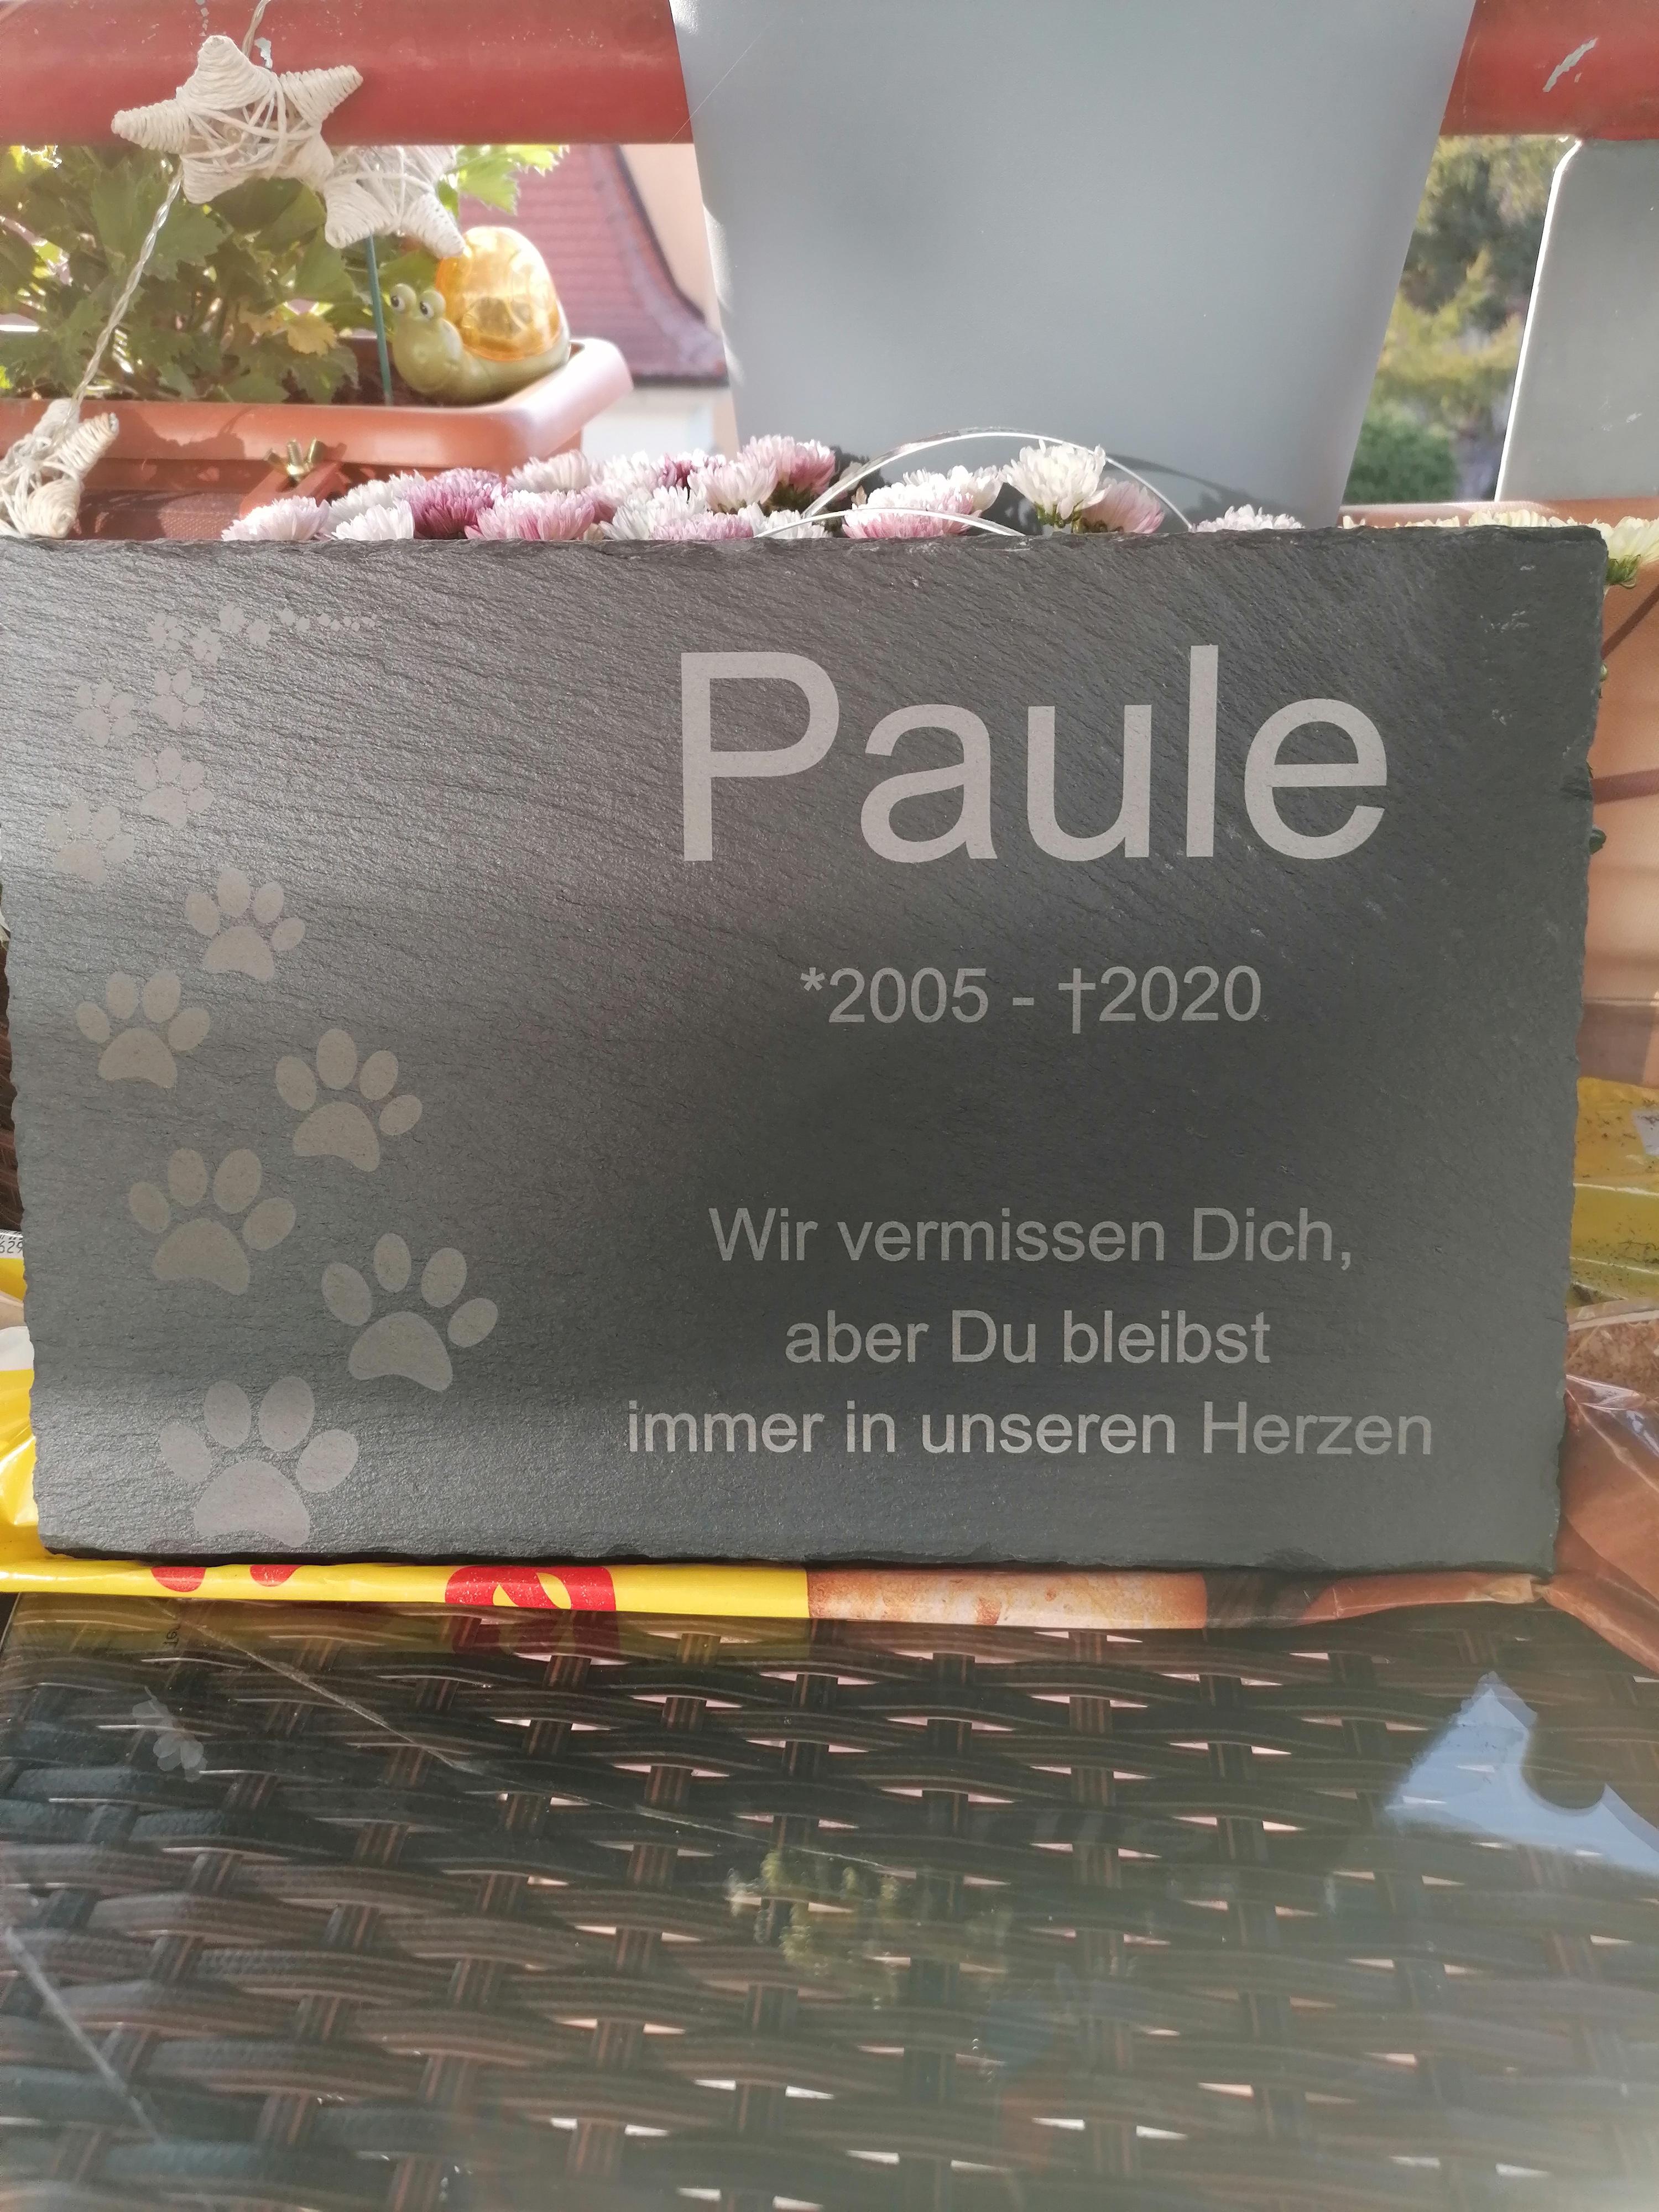 Best dog ever. Ruhe in Frieden. Du bleibst unvergessen.